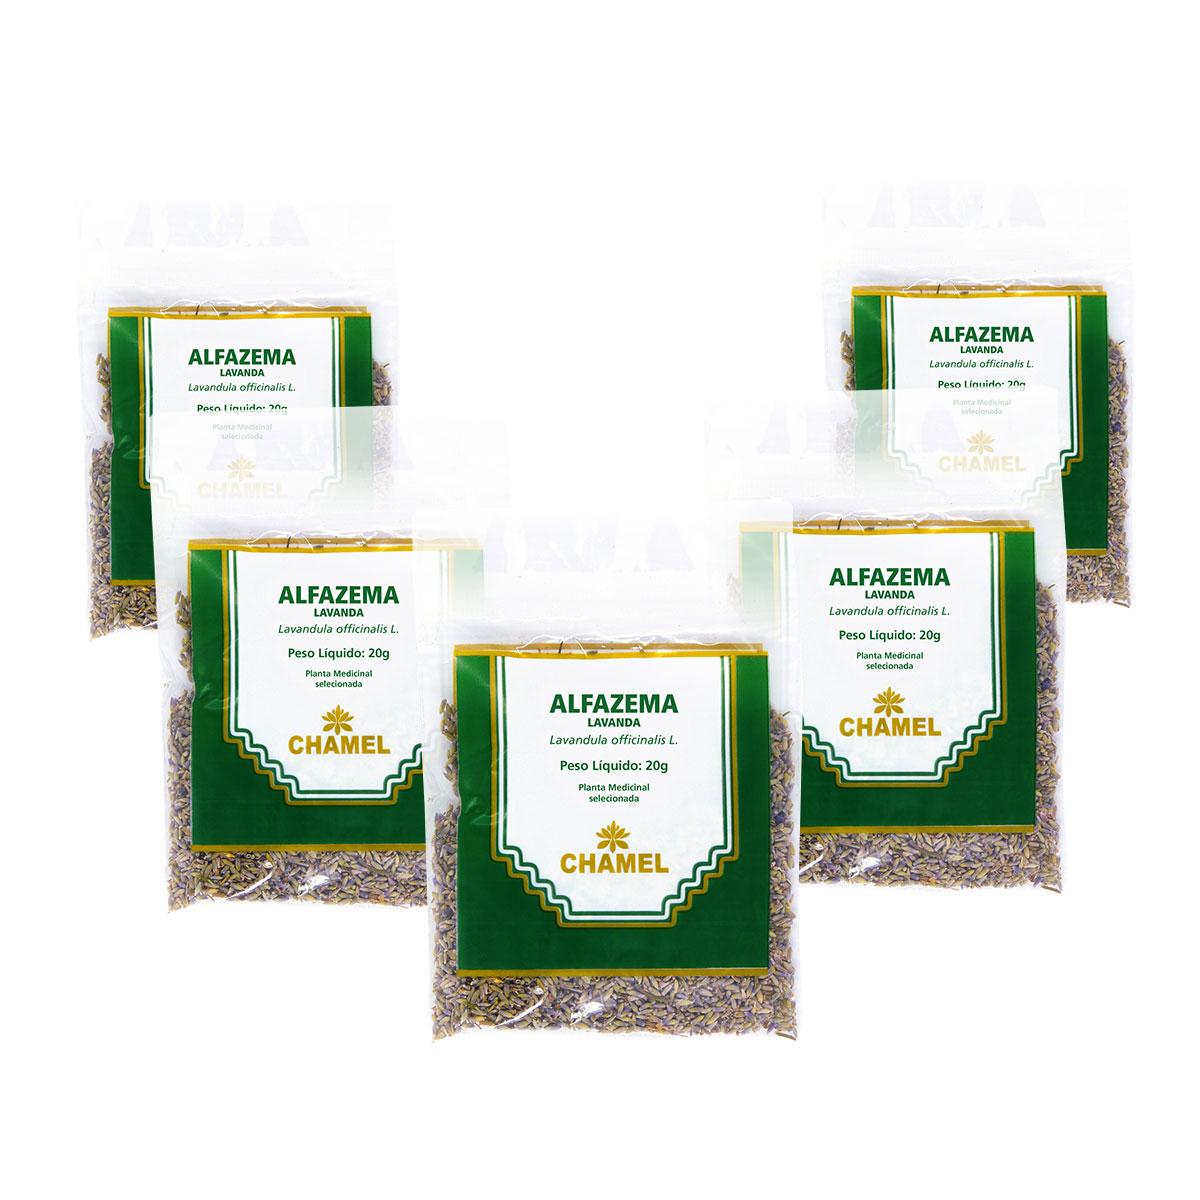 Alfazema 20g Chamel com 5 unidades- Chá Flores.